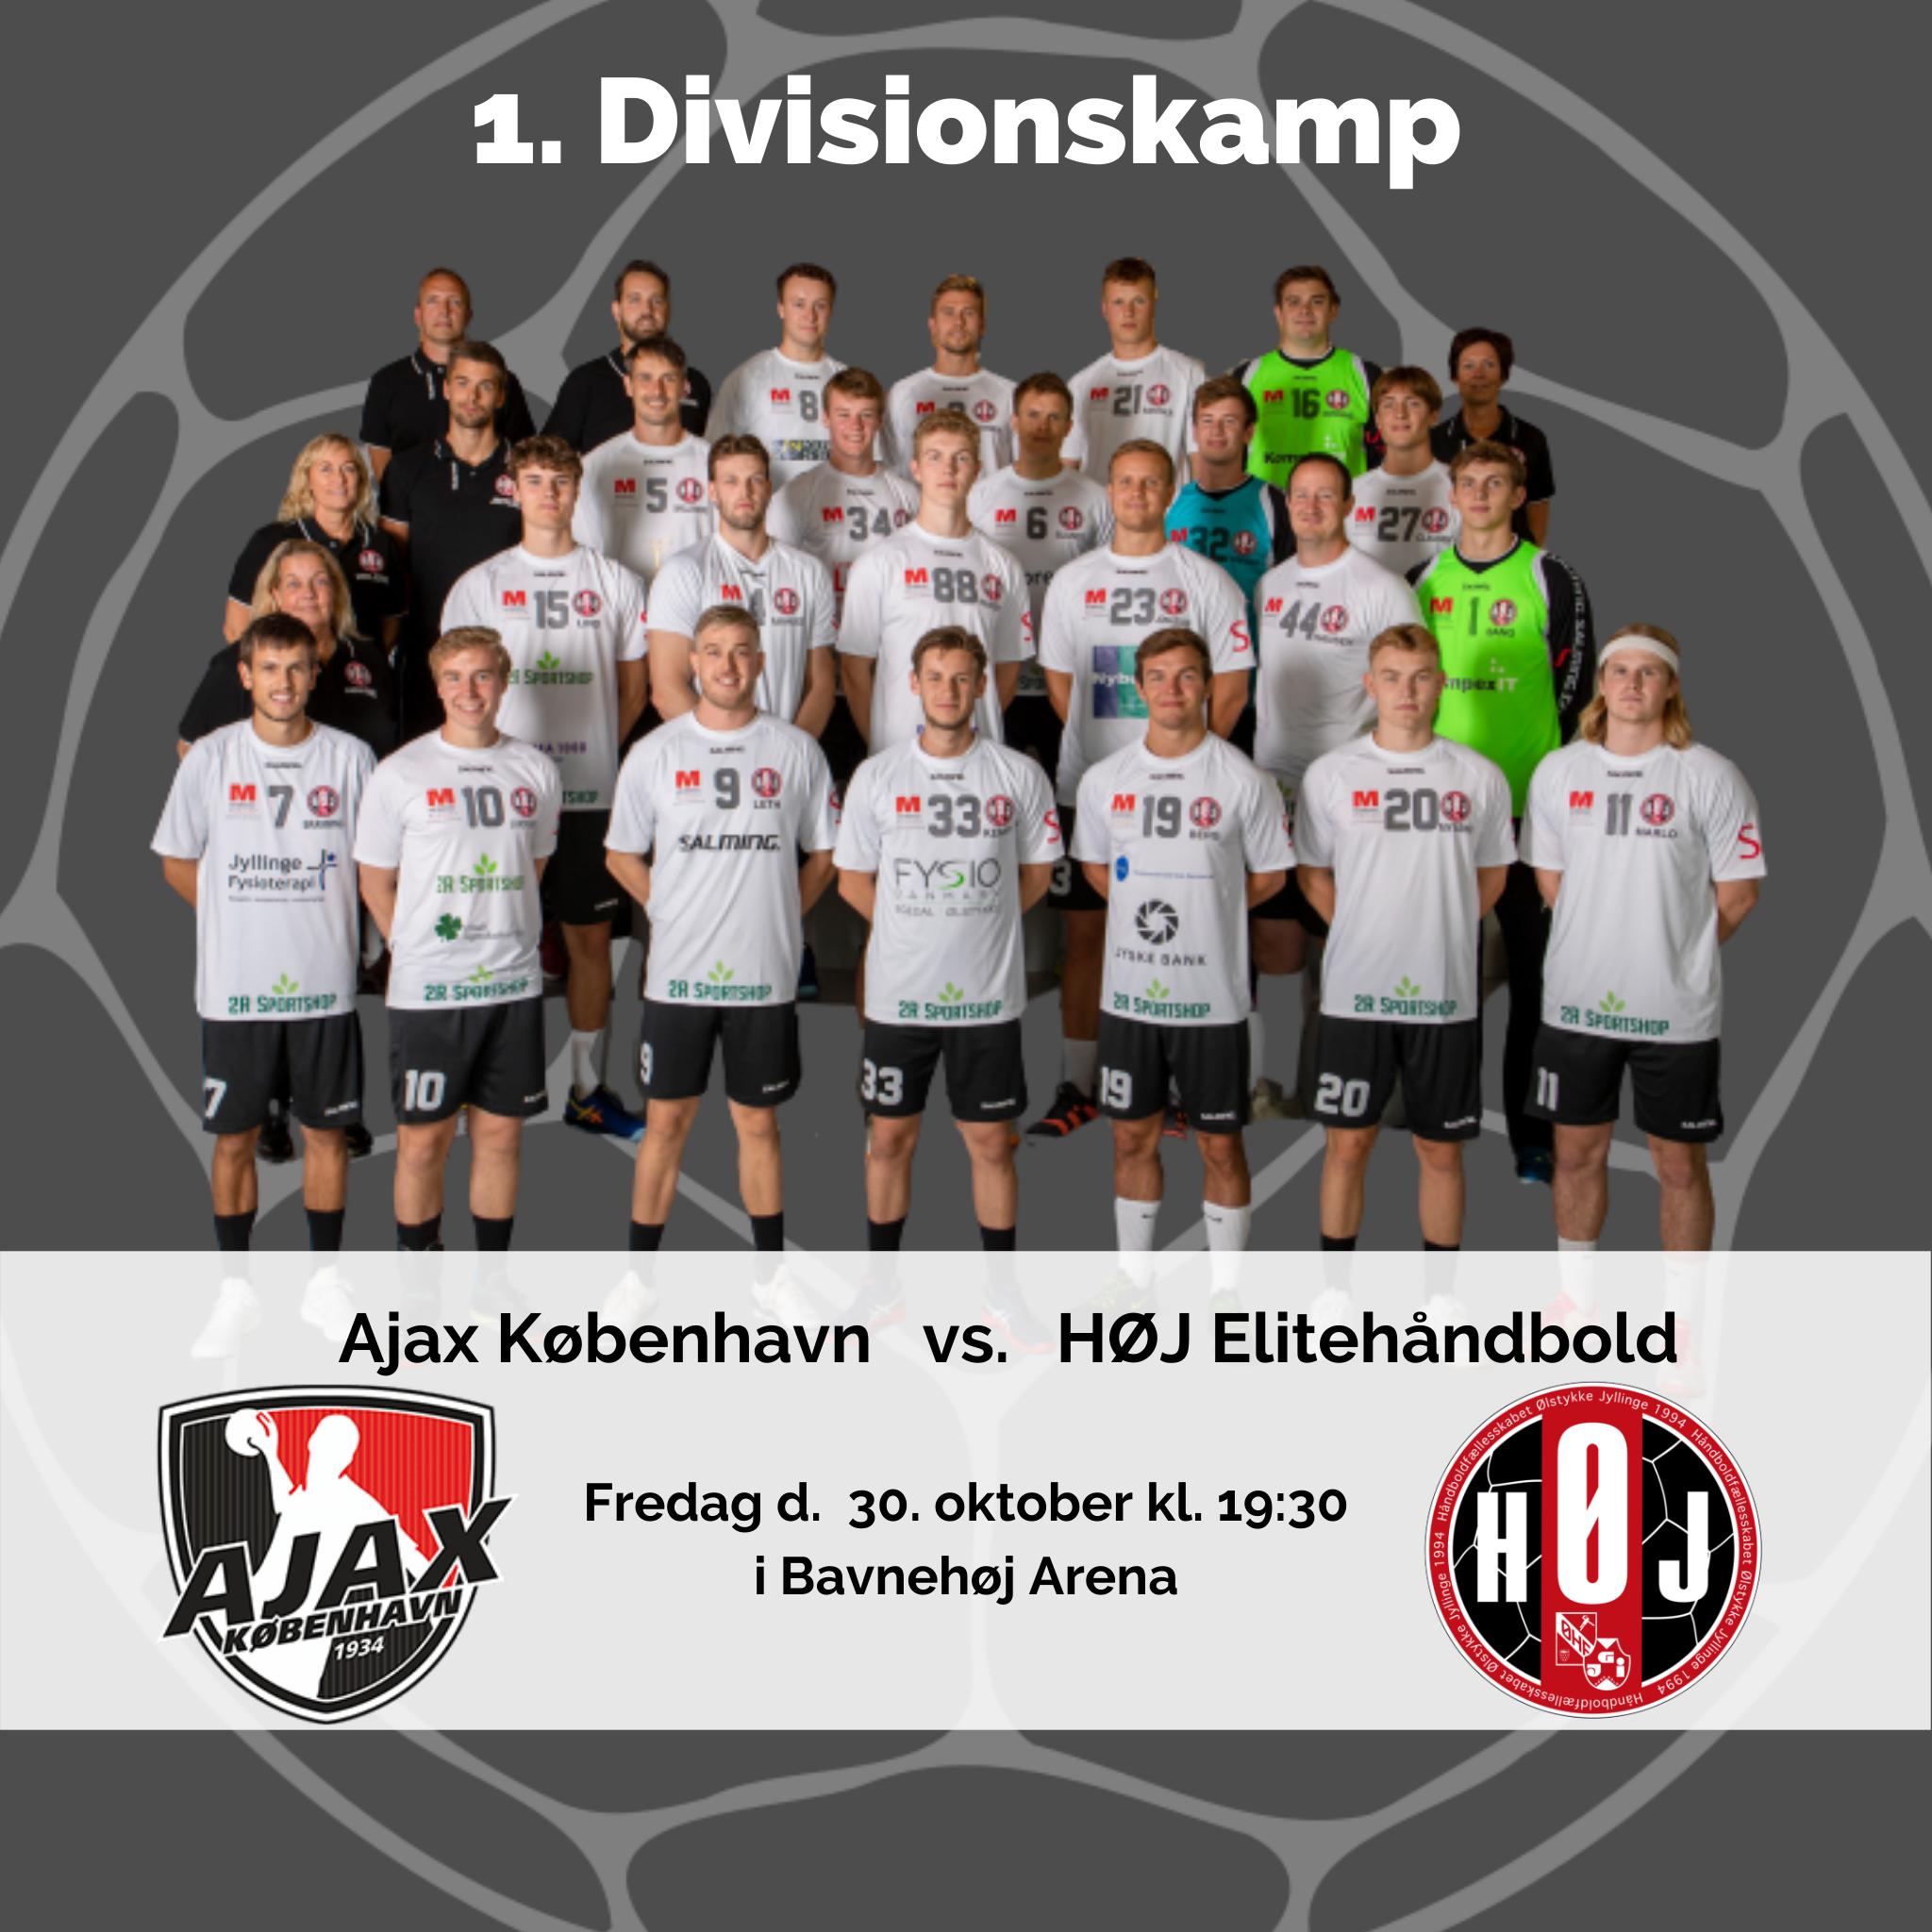 Ajax København vs. HØJ Elitehåndbold